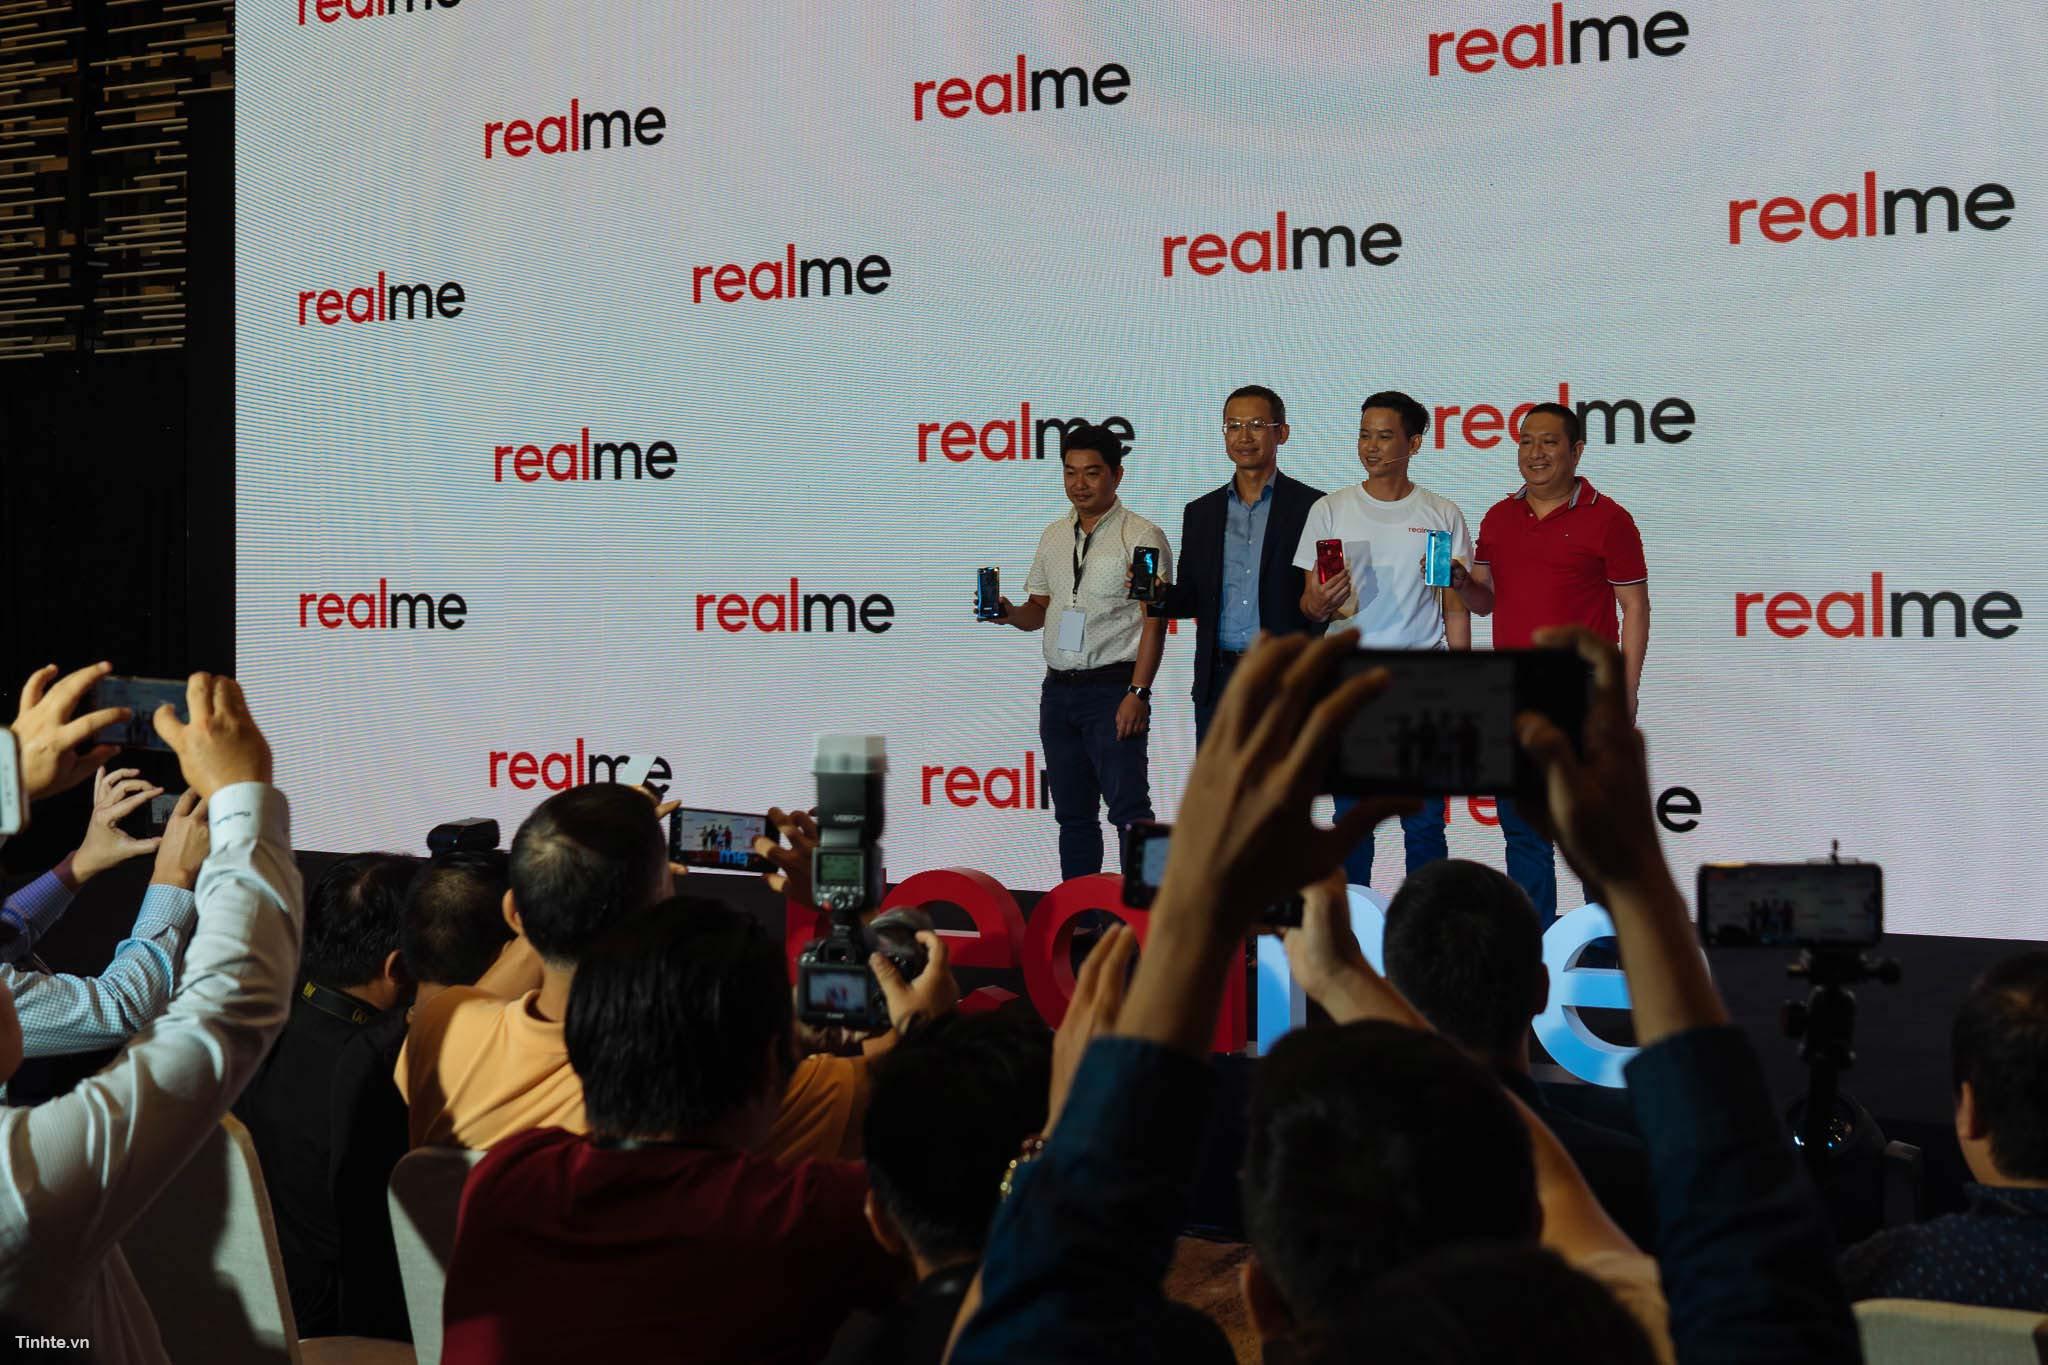 realme-5.jpg